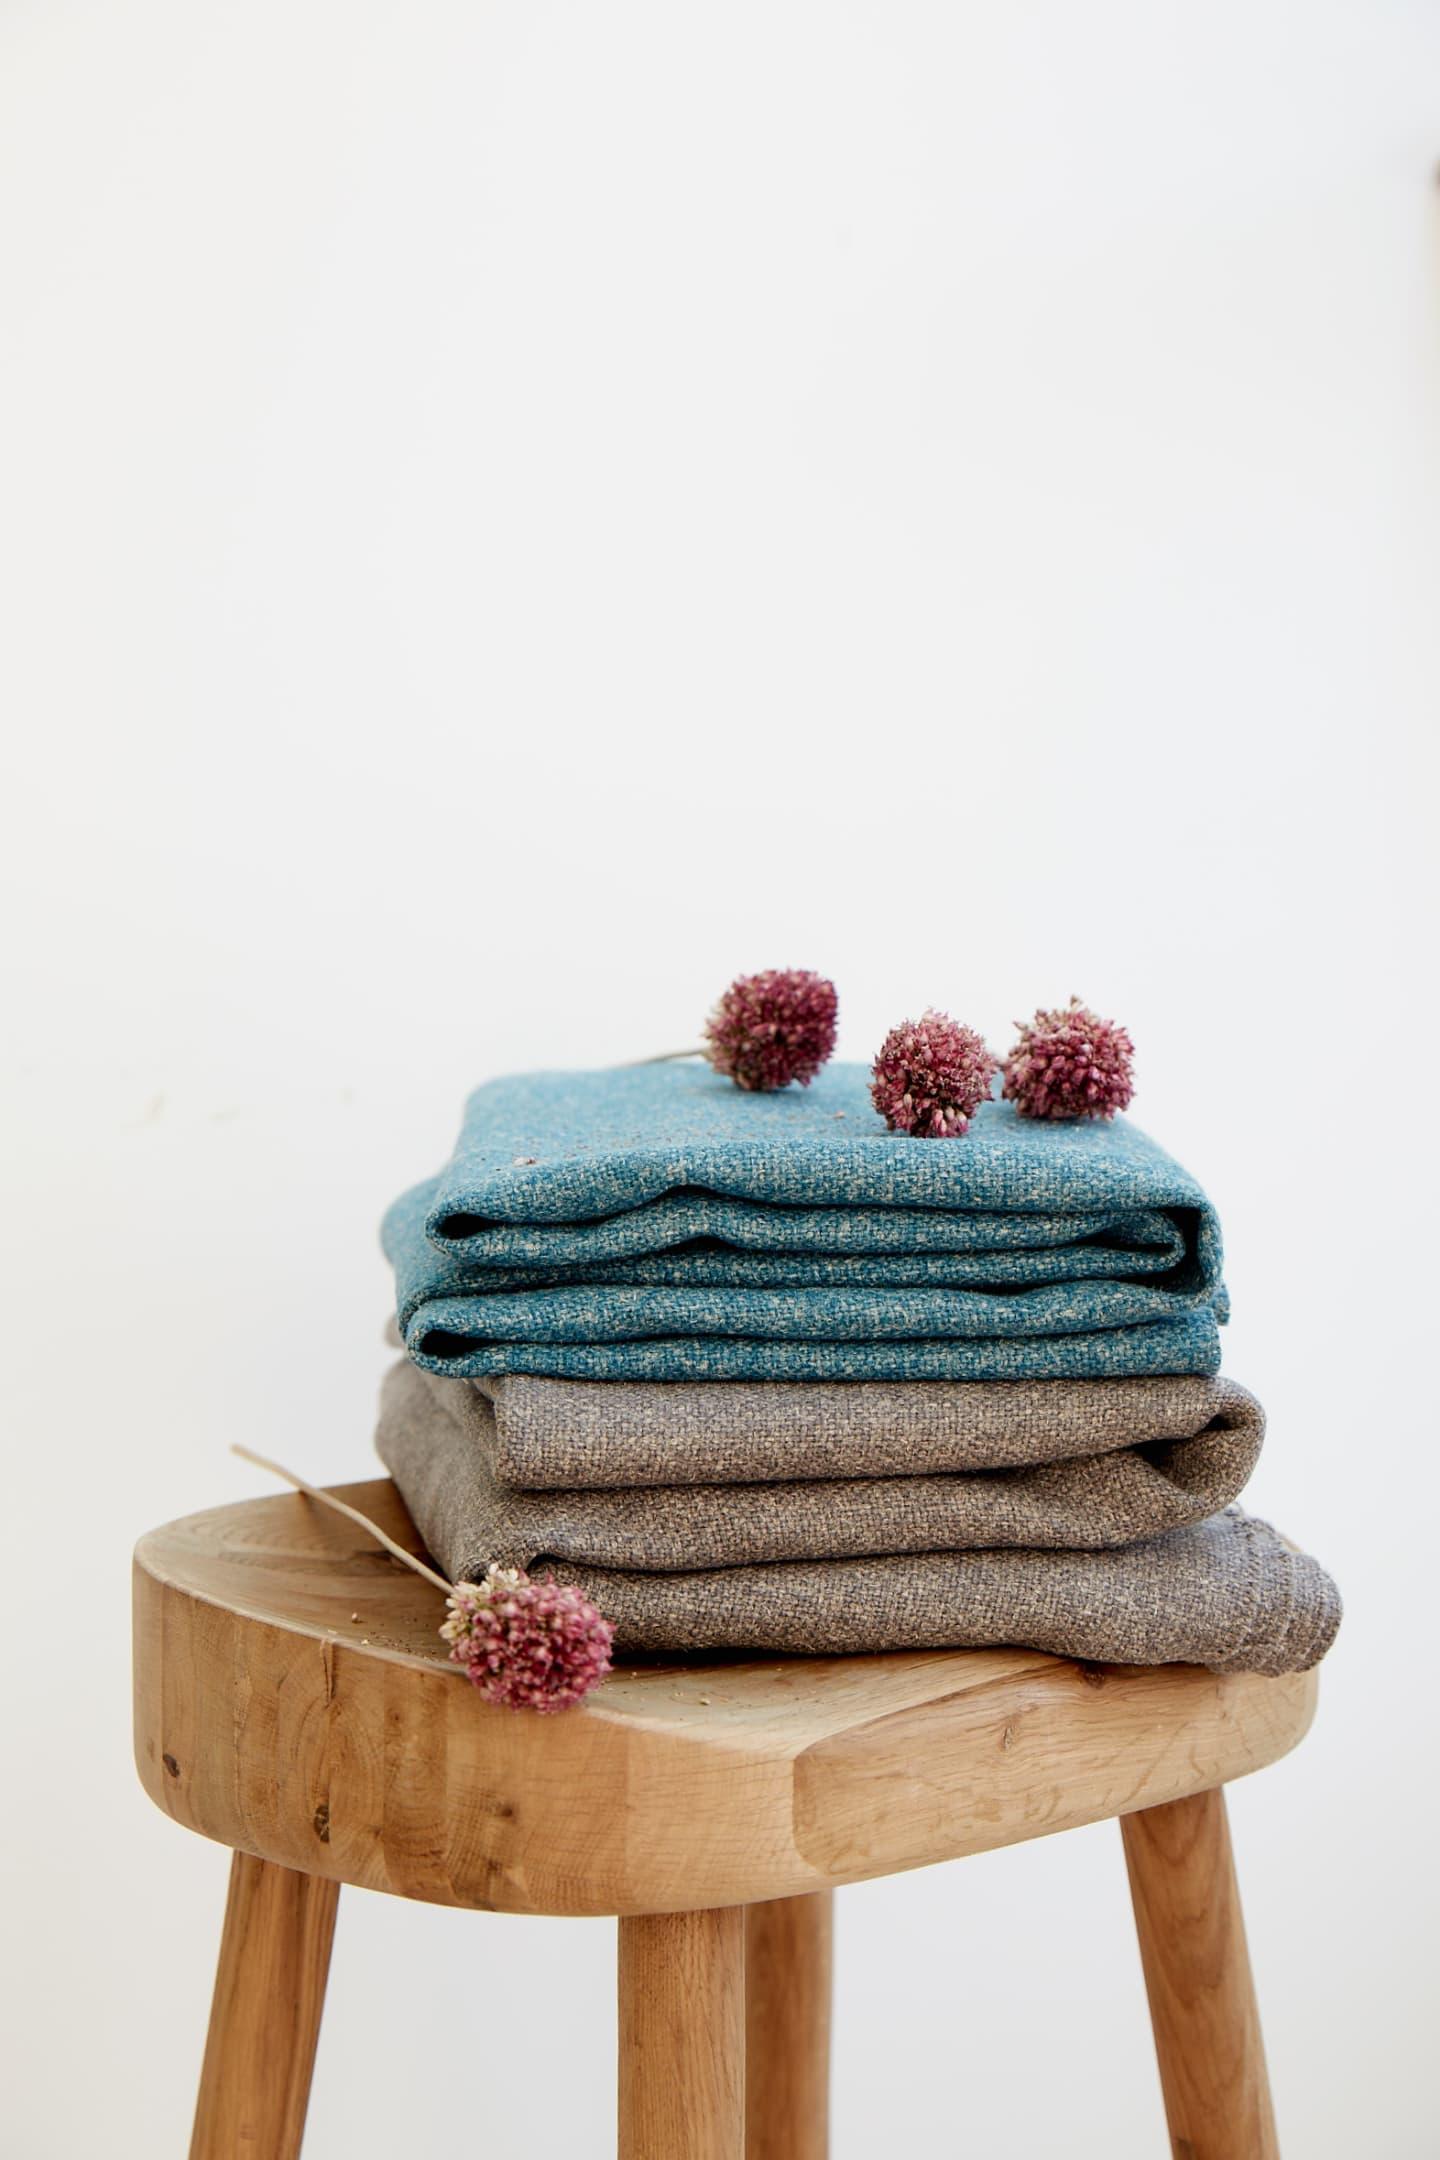 hemp textiles piled on a stool